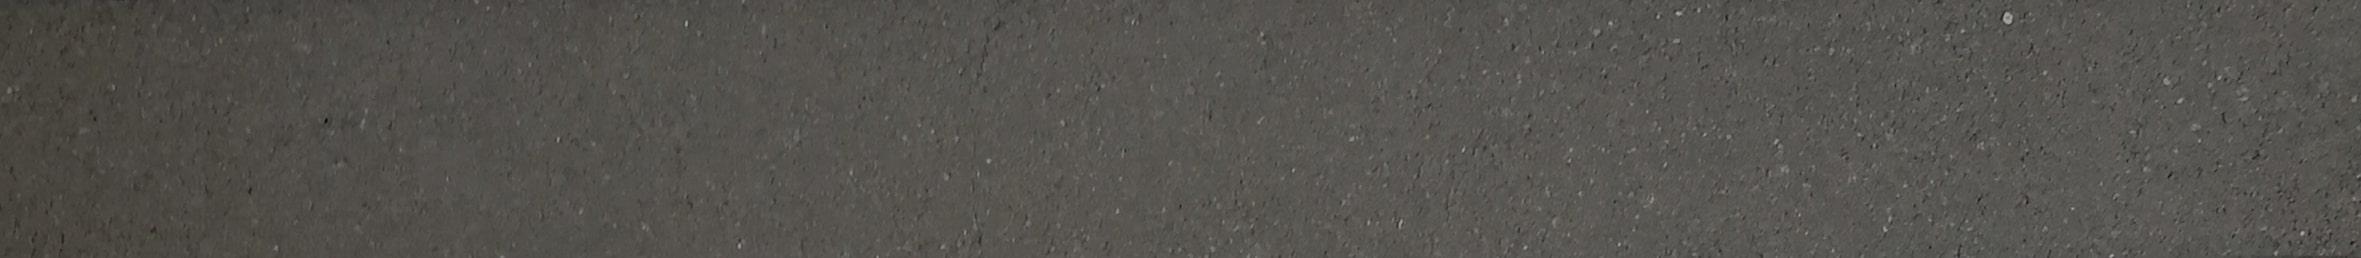 Fugenmörtel - Fugenfarbe 1050